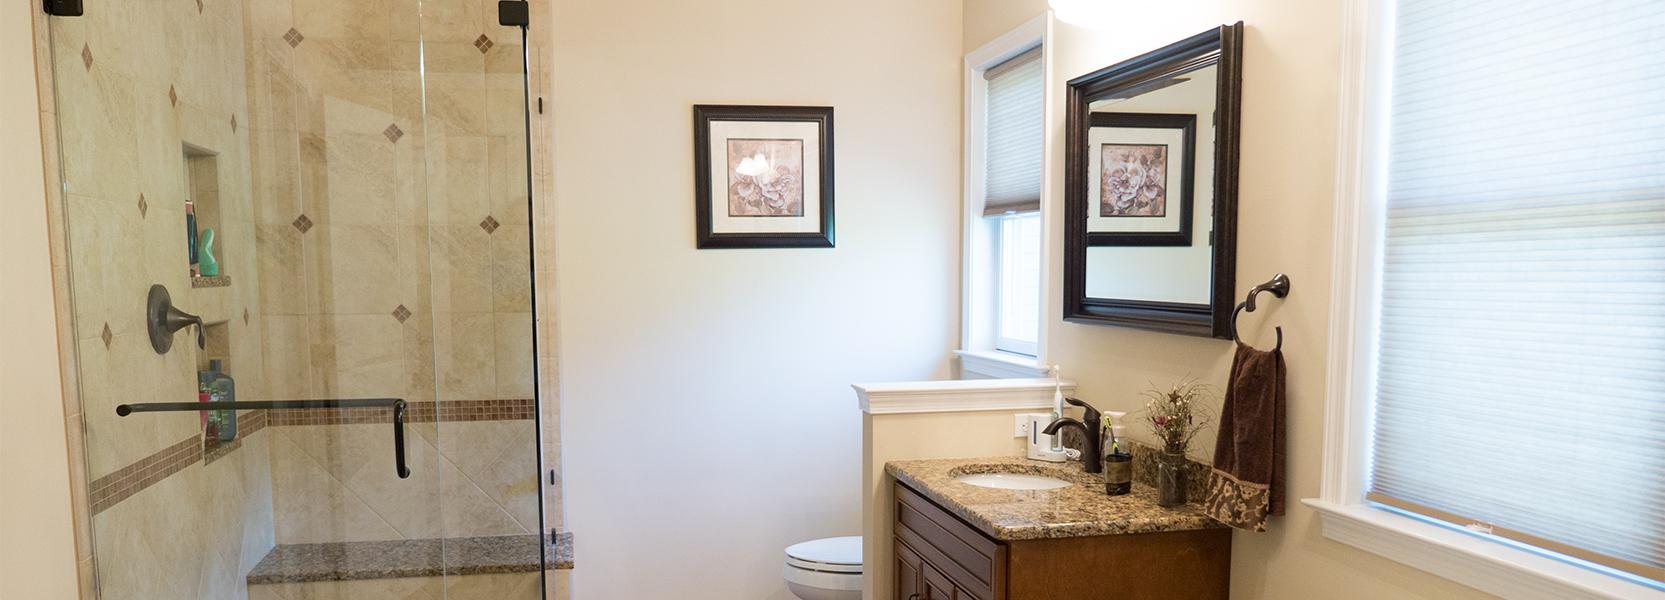 K Designers Home Remodeling Leader Reviews Part - 33: ... R U0026 K Custom Homes Builders Of The Lehigh Valley - Custom Bathroom  Rennovation ...